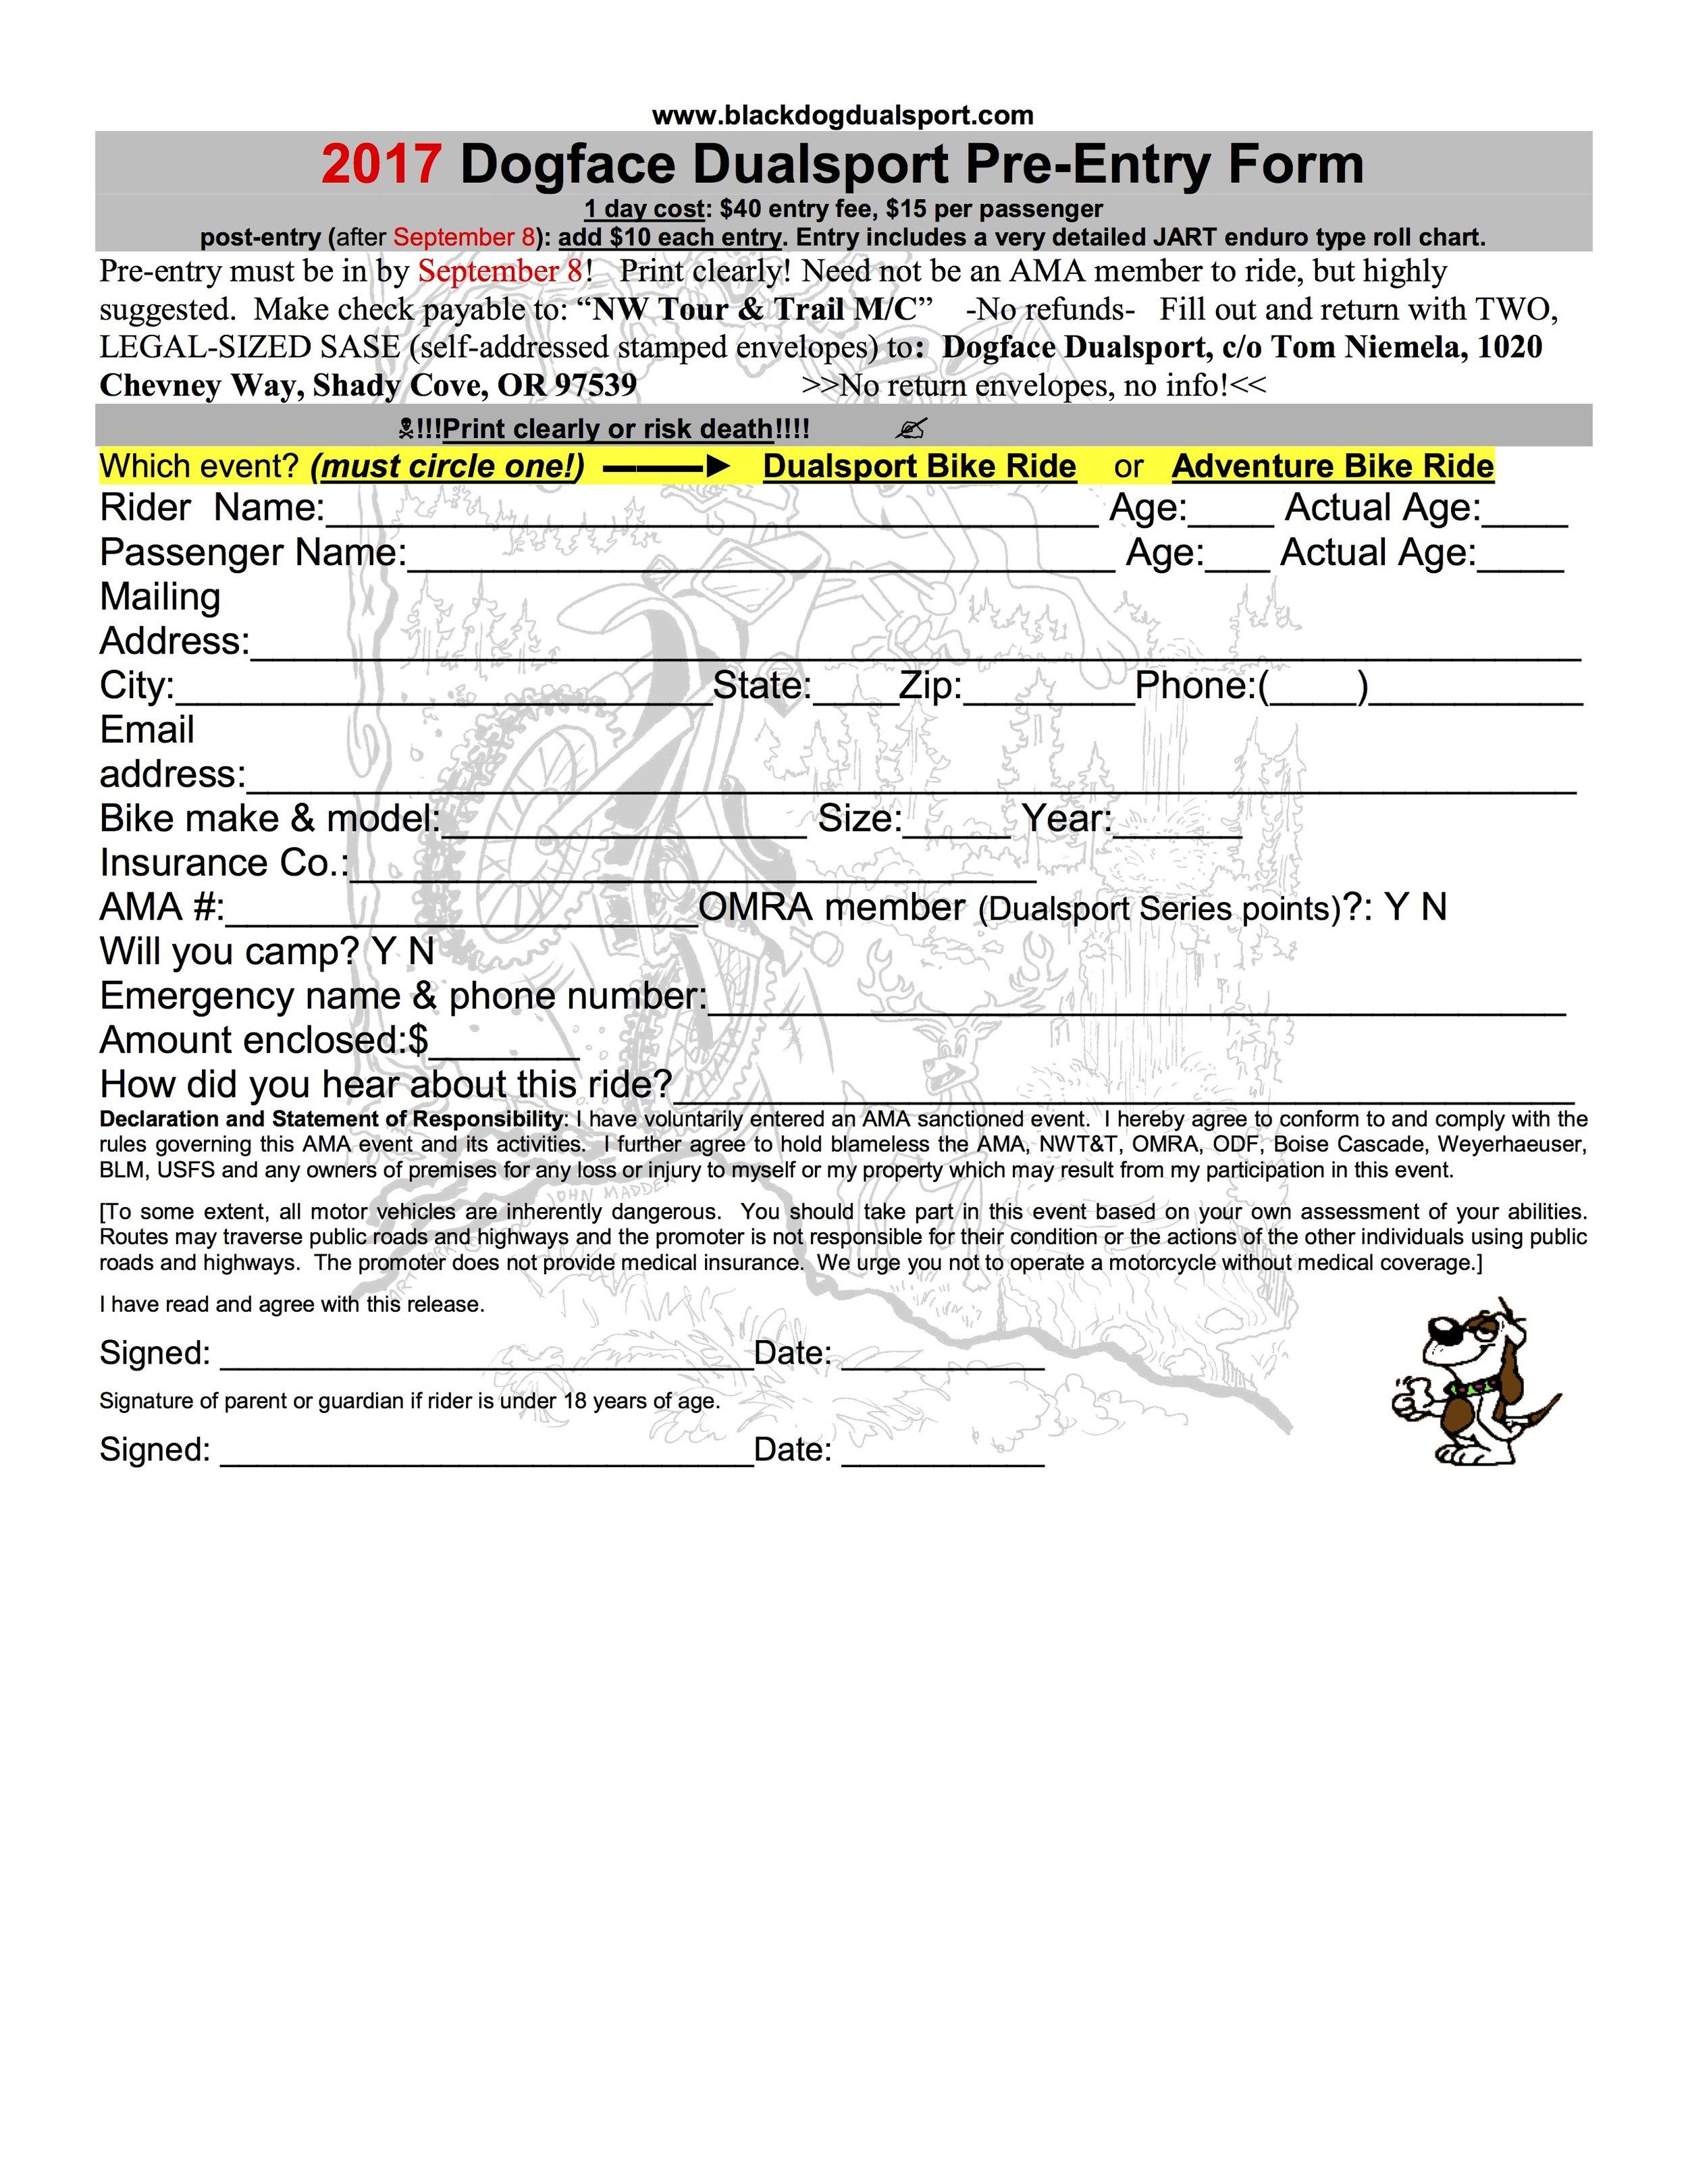 Printable Pre-Entry Form